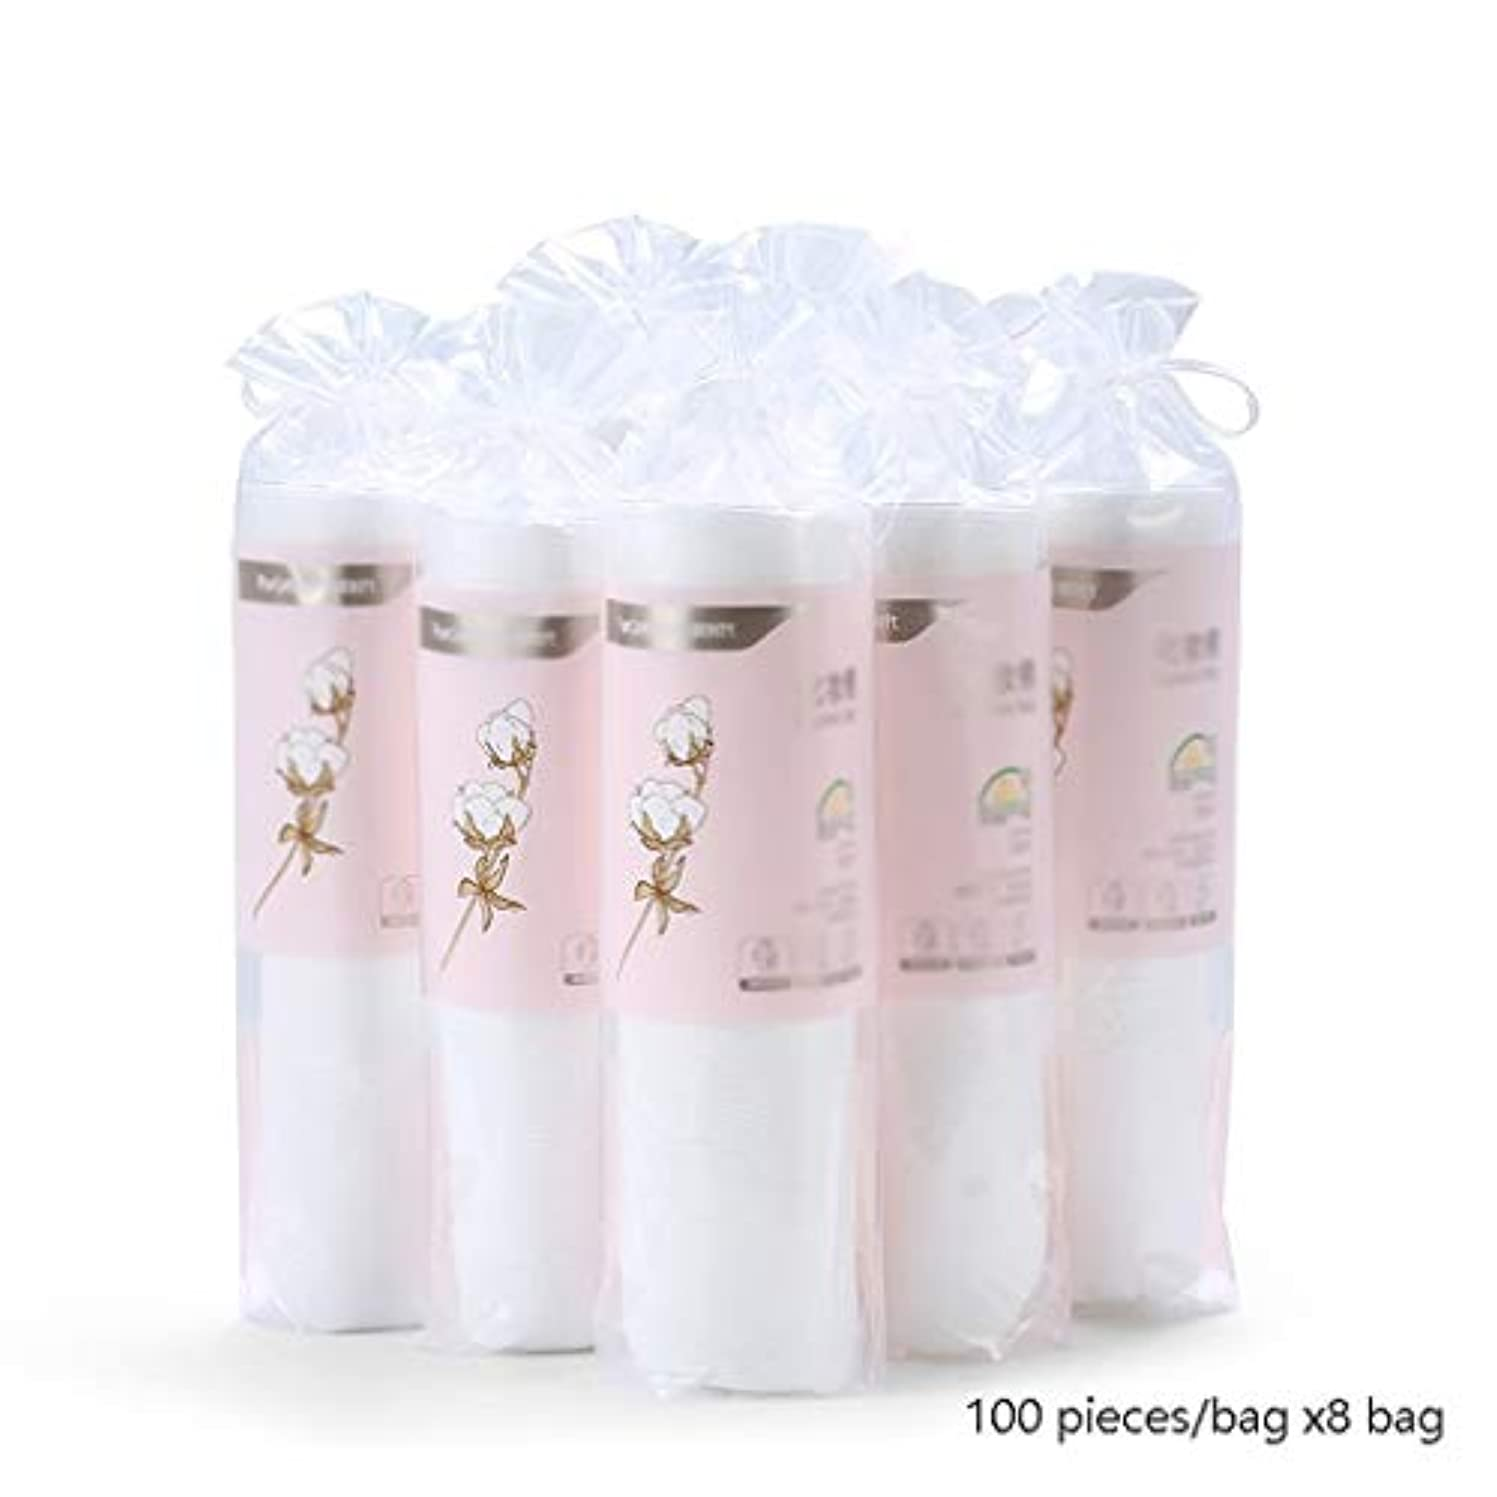 アナニバー凍るユーモアクレンジングシート 100個/袋* 8袋ラウンドコットンコットンメイク落としコットン厚手両面コットンパッド (Color : White)